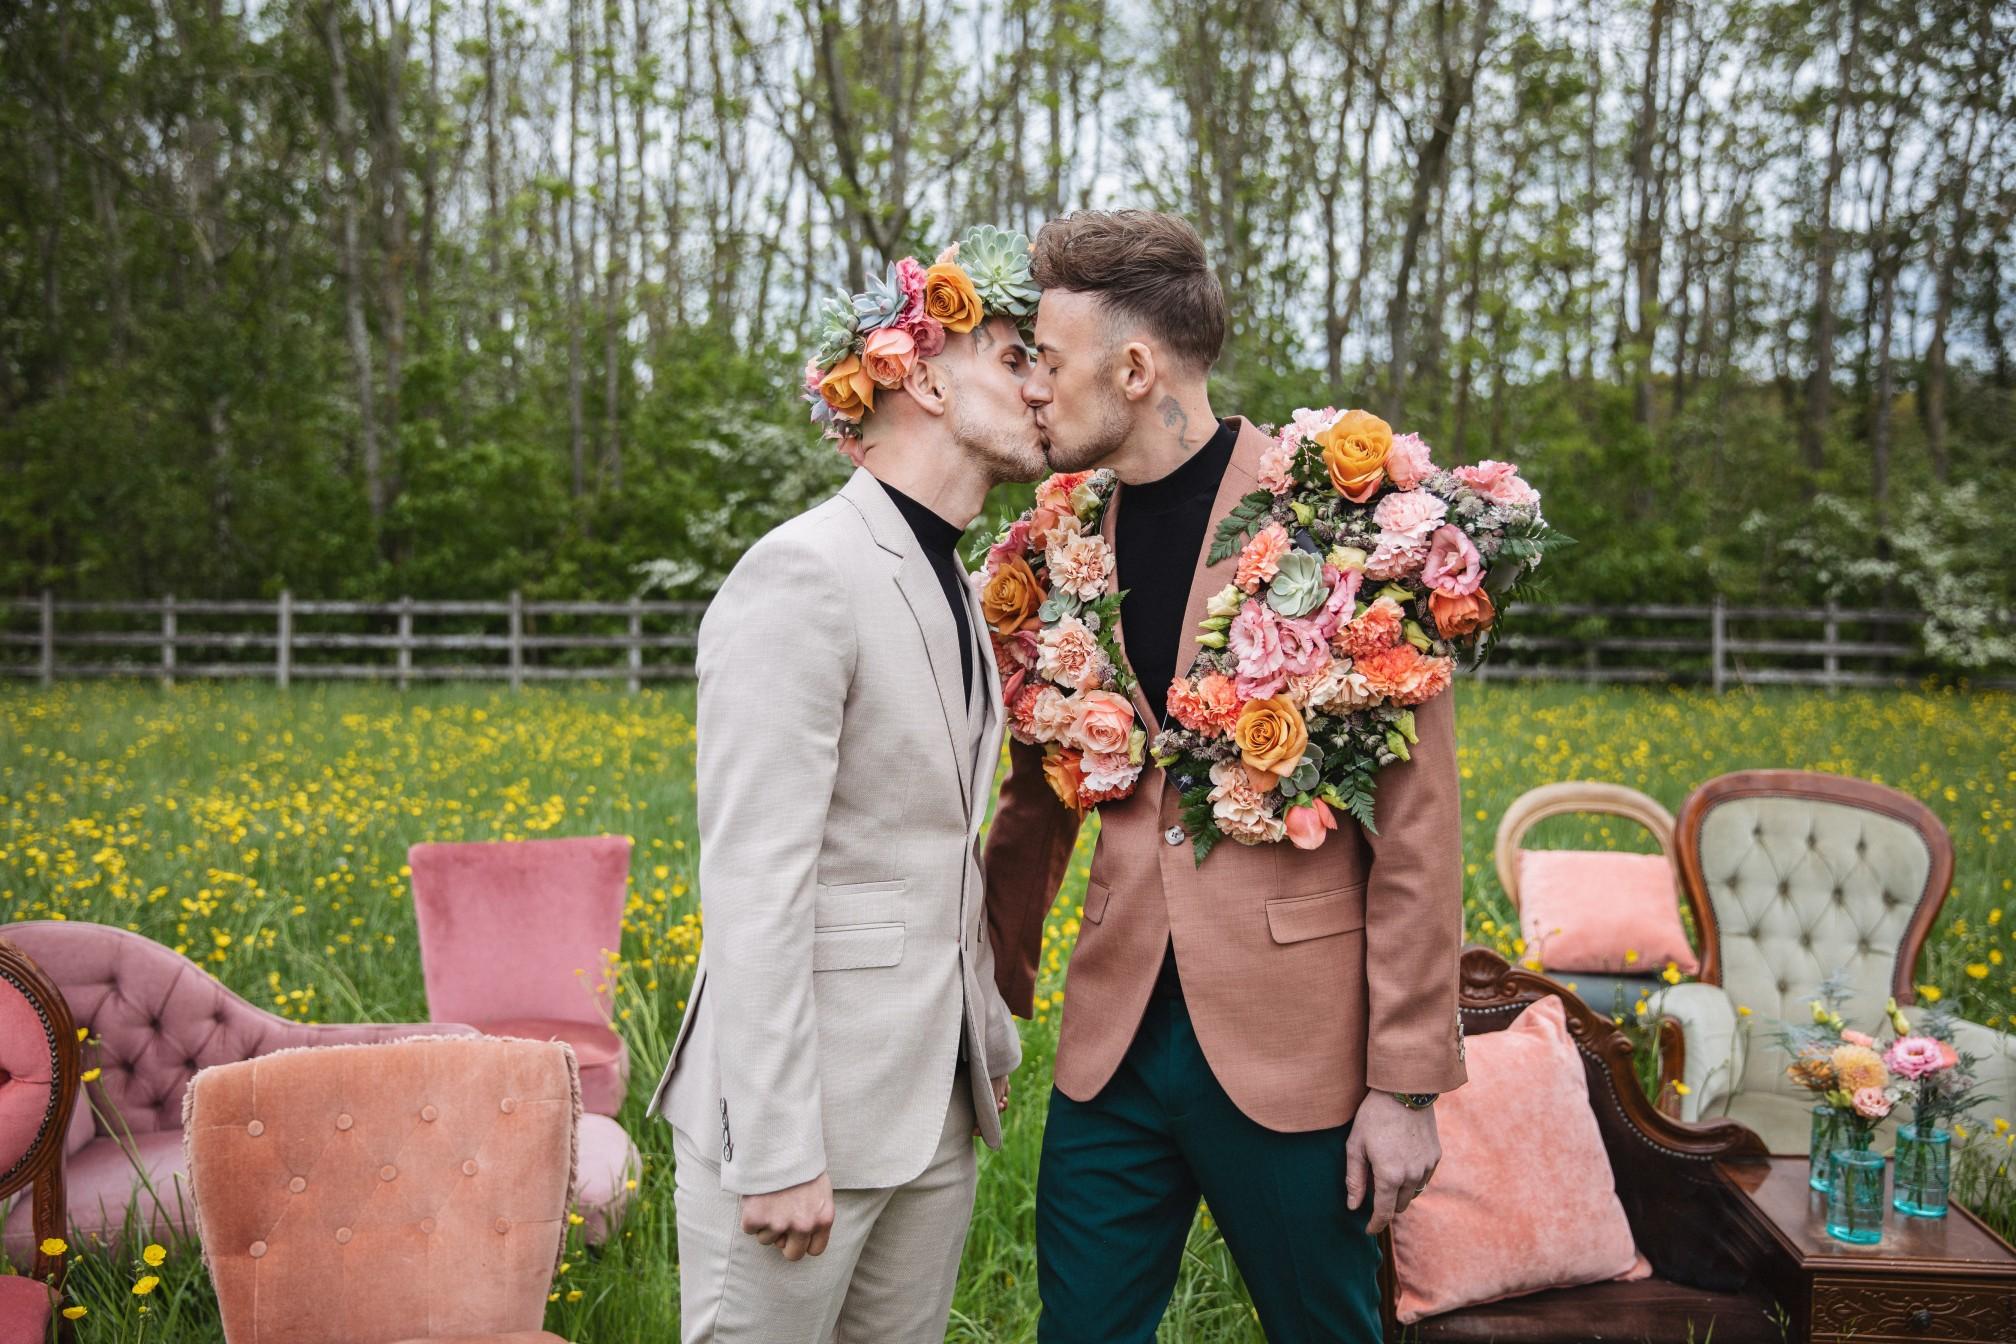 gay wedding inspiration - unique wedding flowers - vintage wedding props - unique grooms wear